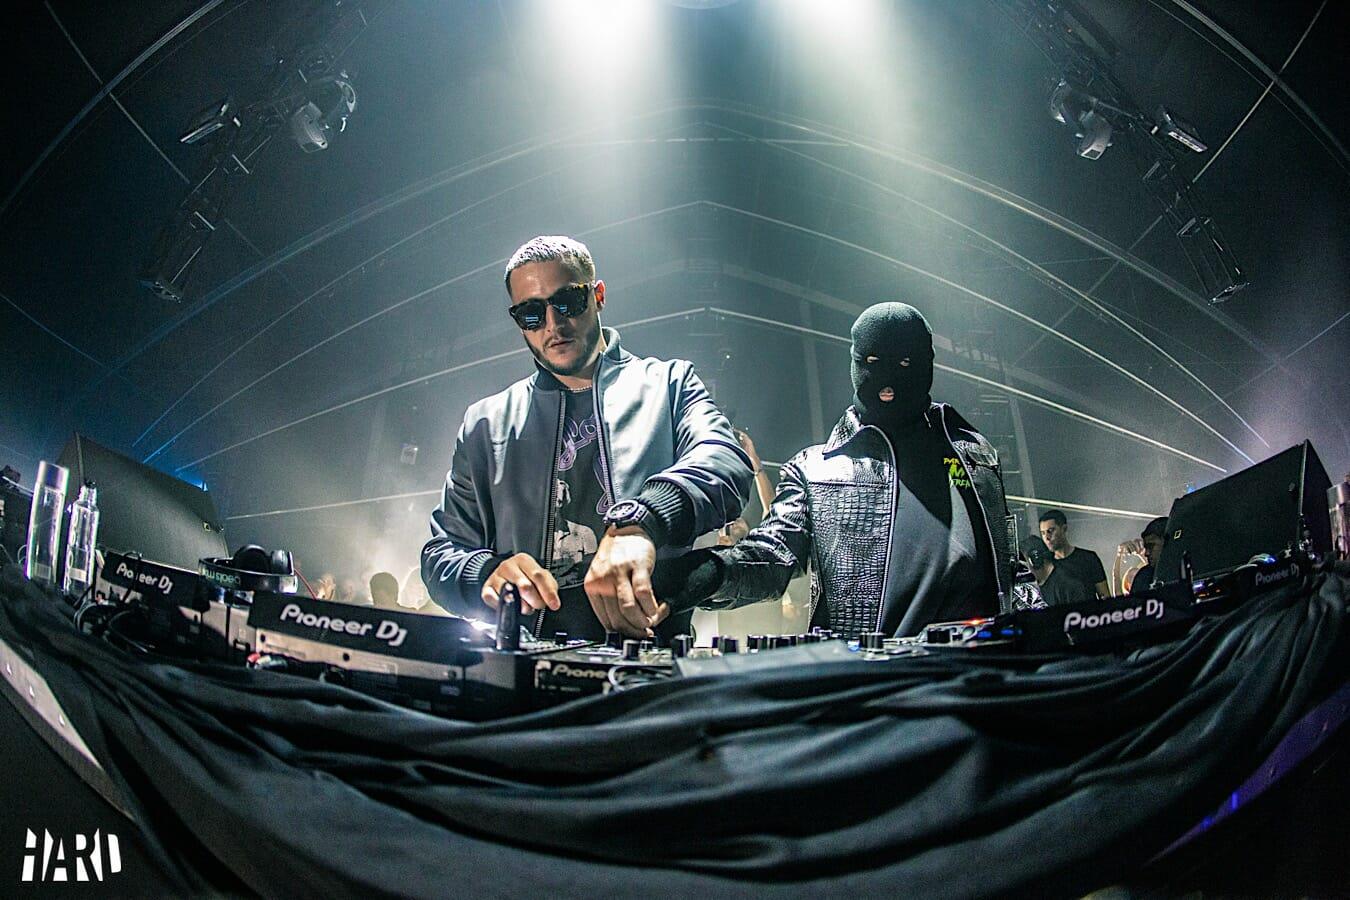 DJ Snake и Malaa снова входят в Секретную комнату, чтобы завершить свою последовательную трилогию — Dancing Astronaut